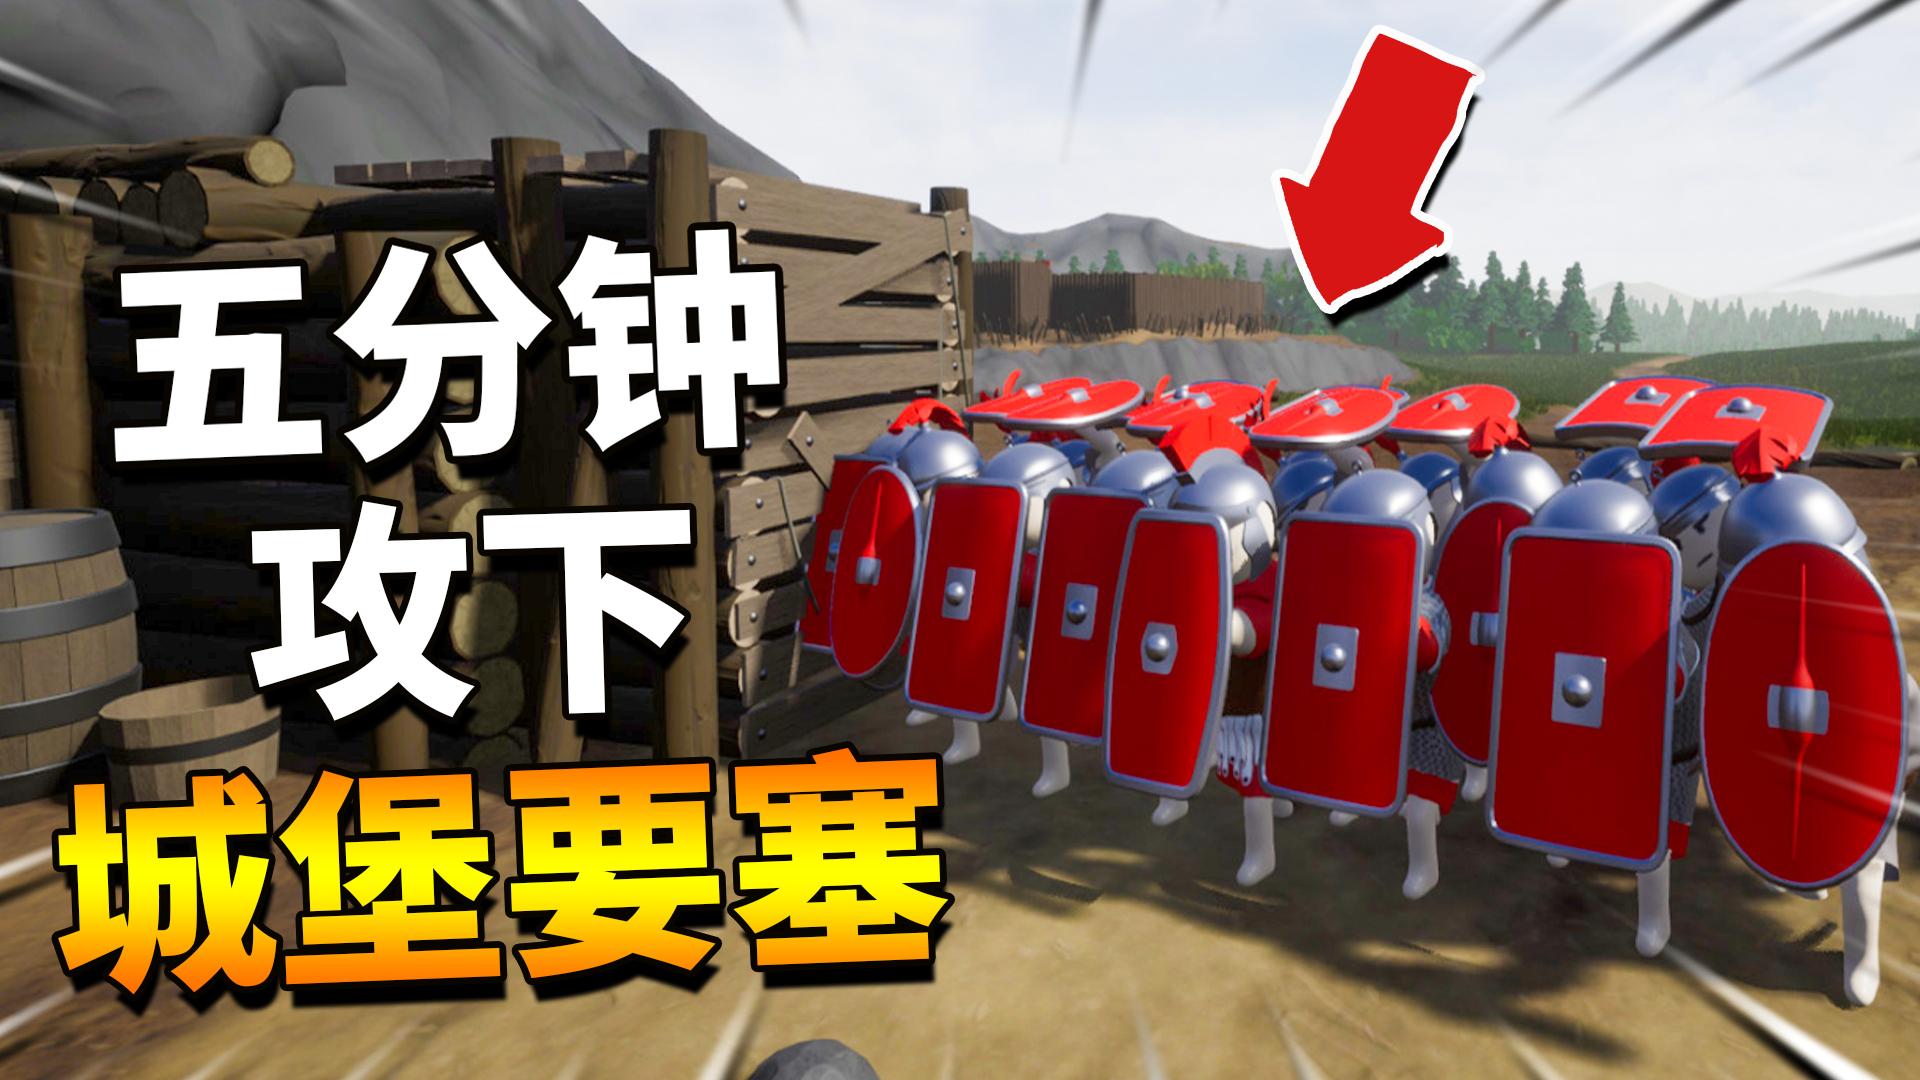 盾墙:偷袭取胜五分钟攻下城堡,年轻人不讲武德好自为之!